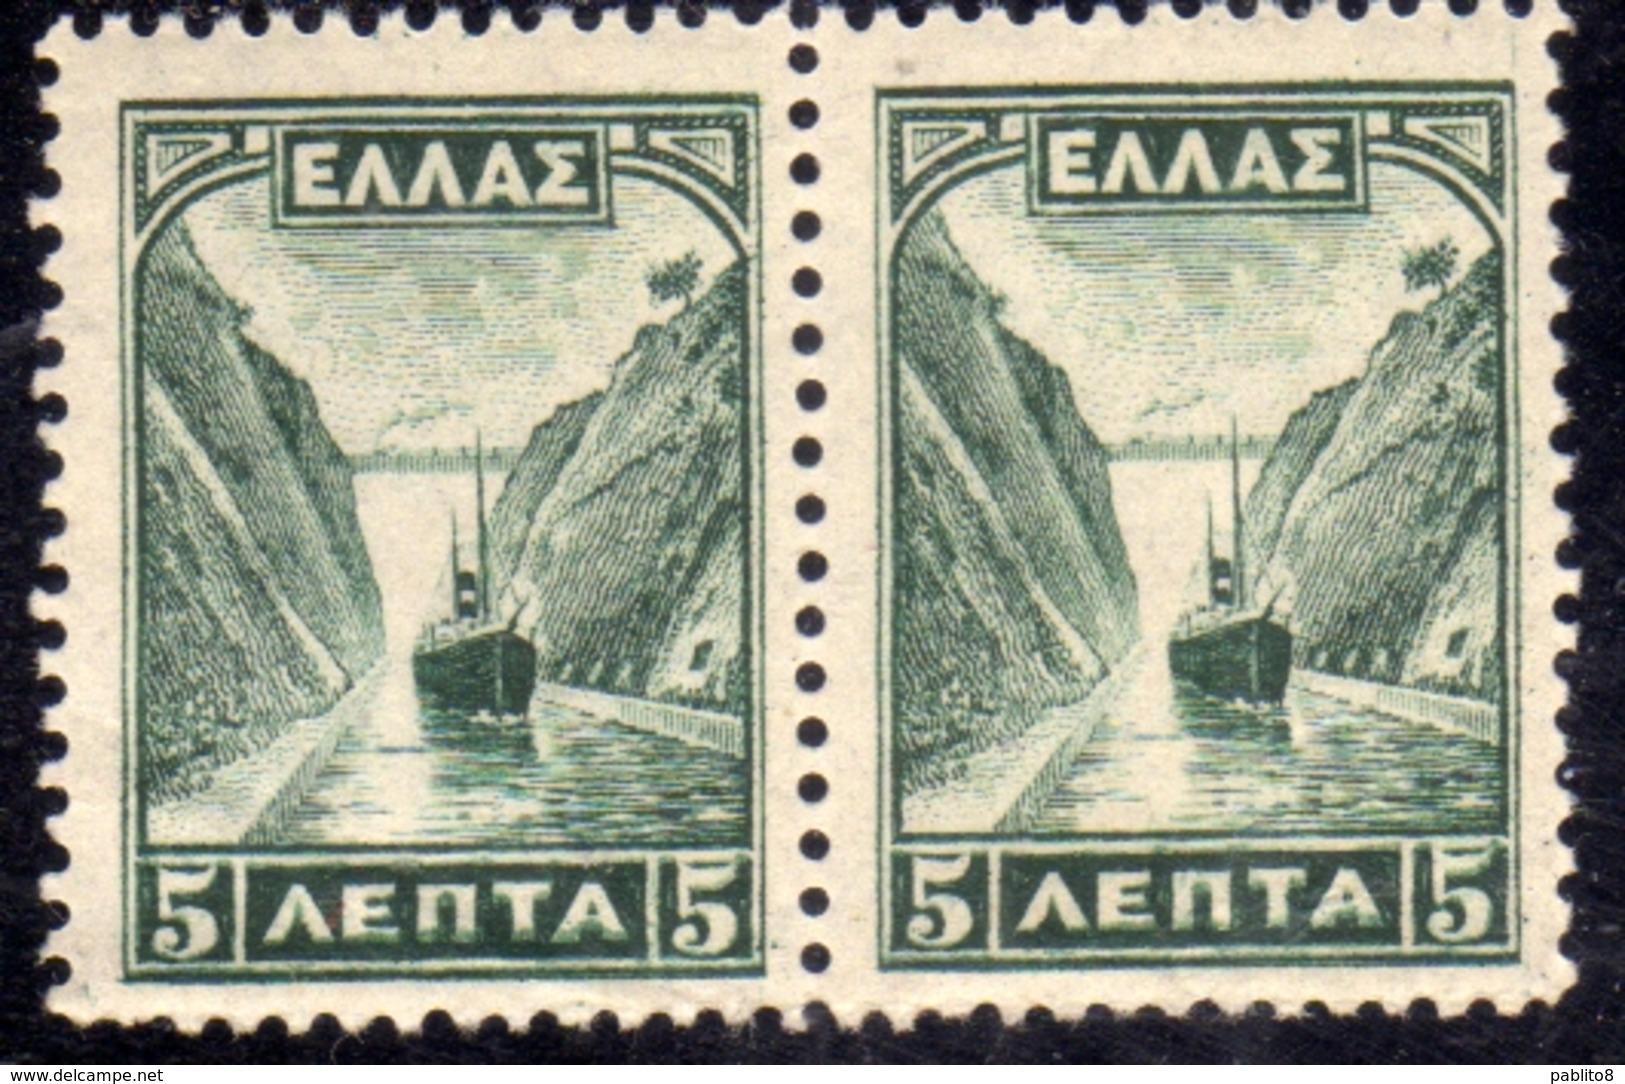 GREECE GRECIA HELLAS 1927 CORINTH CANAL STRETTO DI CORINTO PAIR LEPTA 5l MNH - Grecia